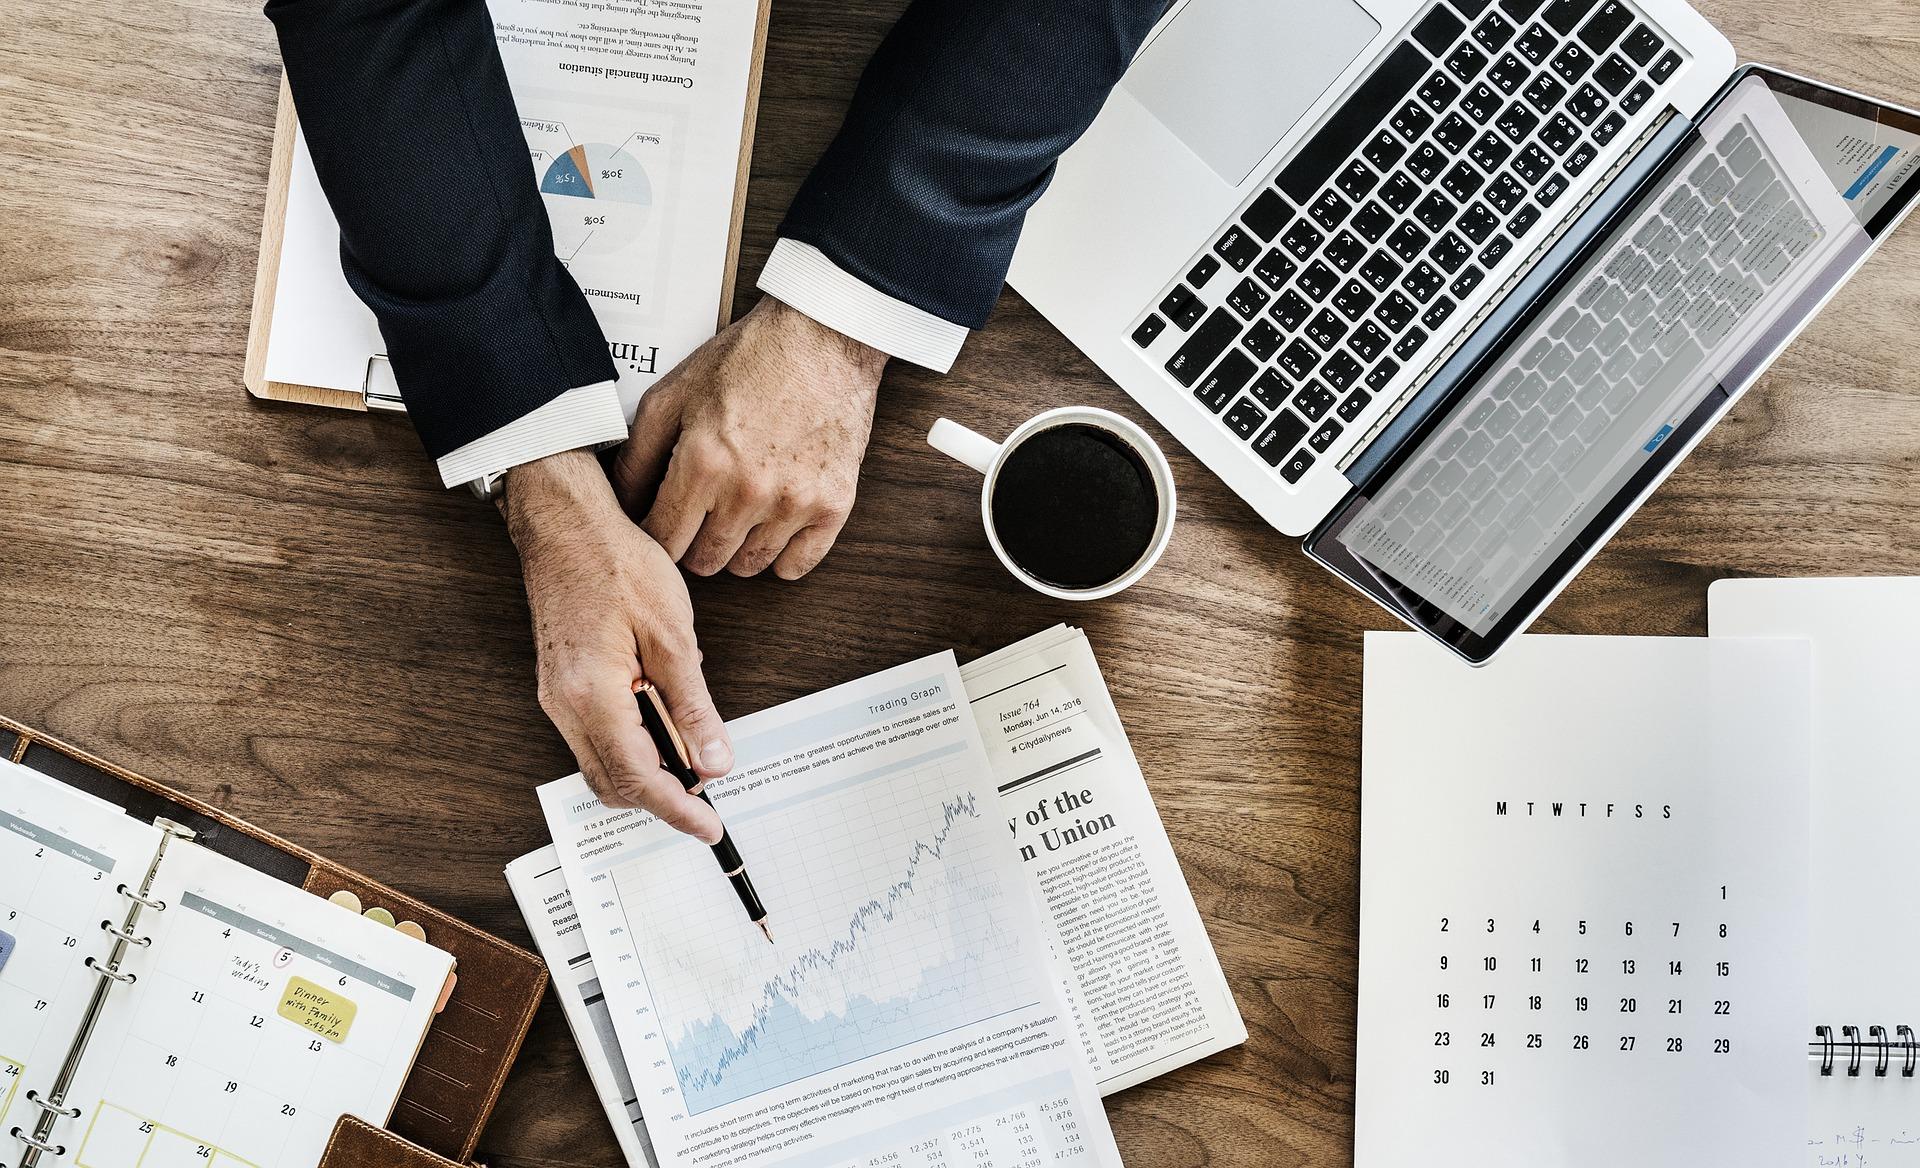 Négocier une augmentation de salaire réussie auprès de son employeur